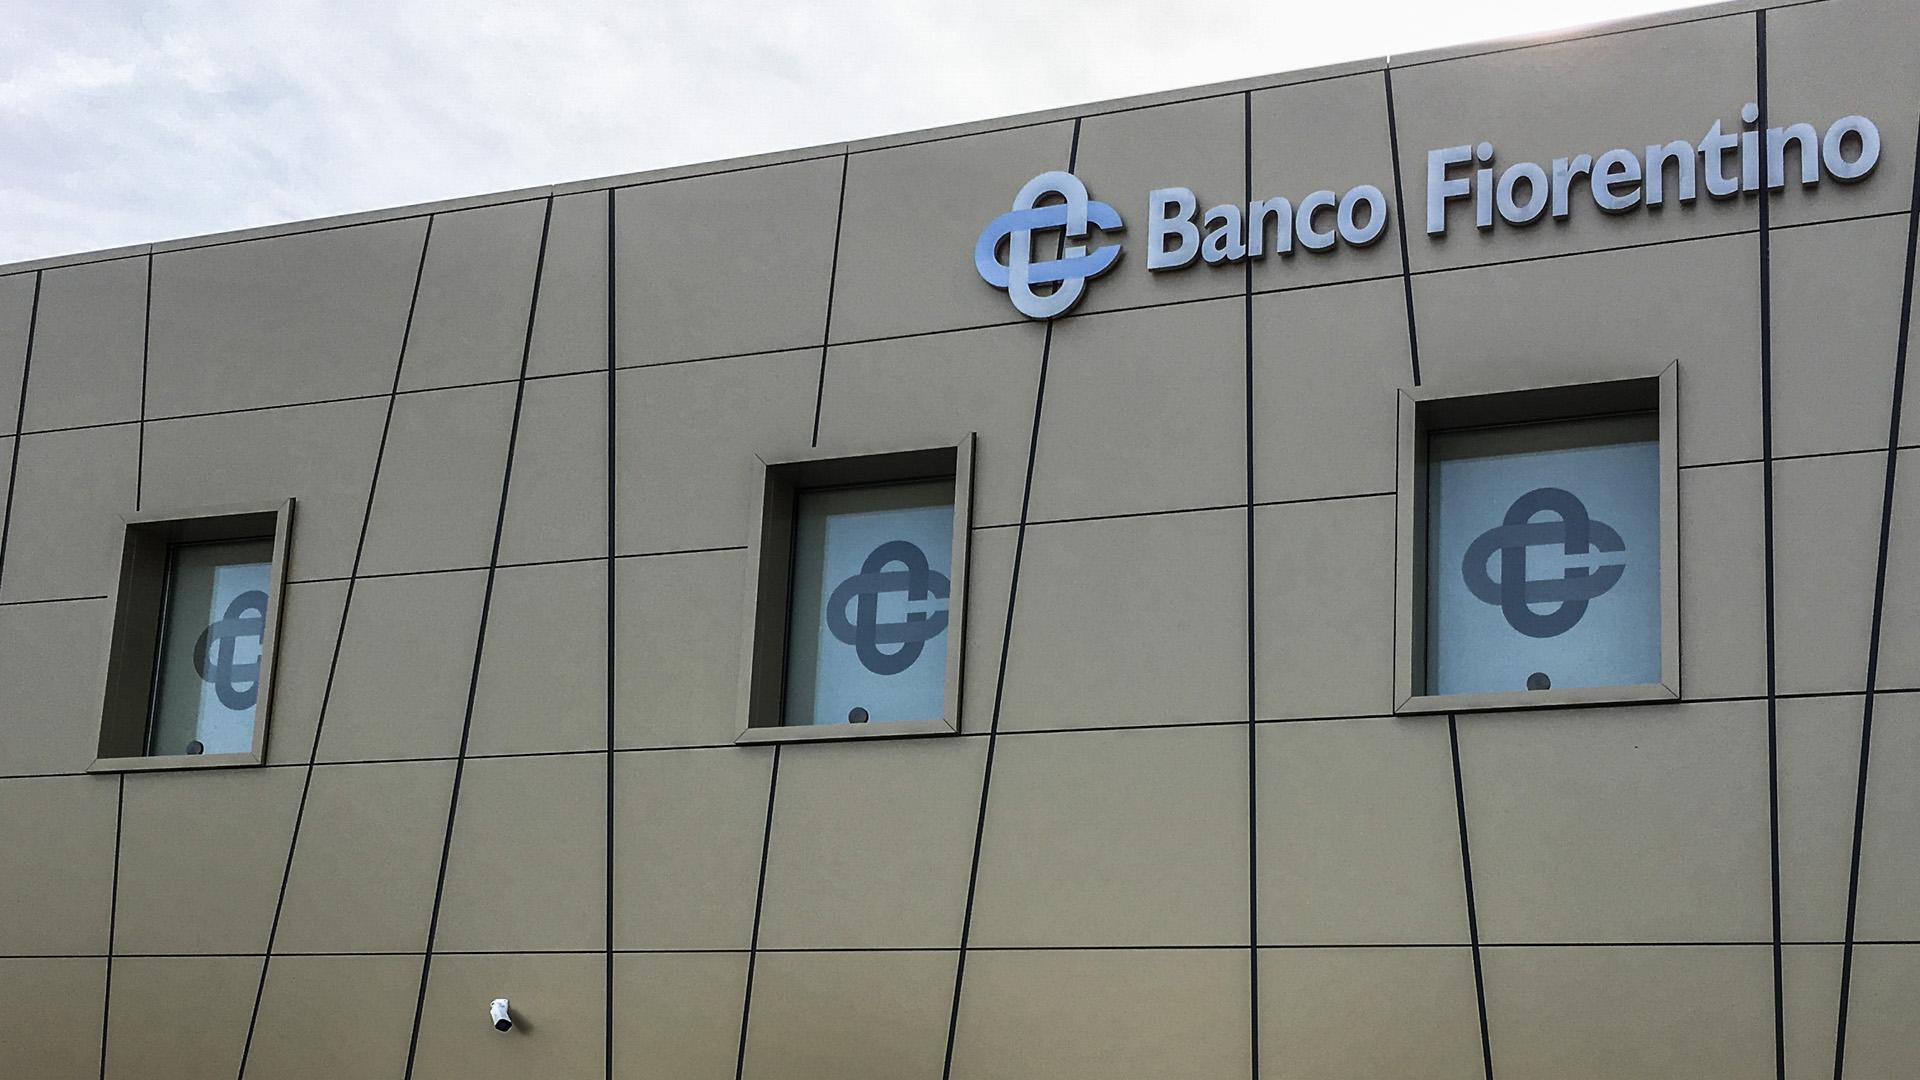 Esterni Banco Fiorentino